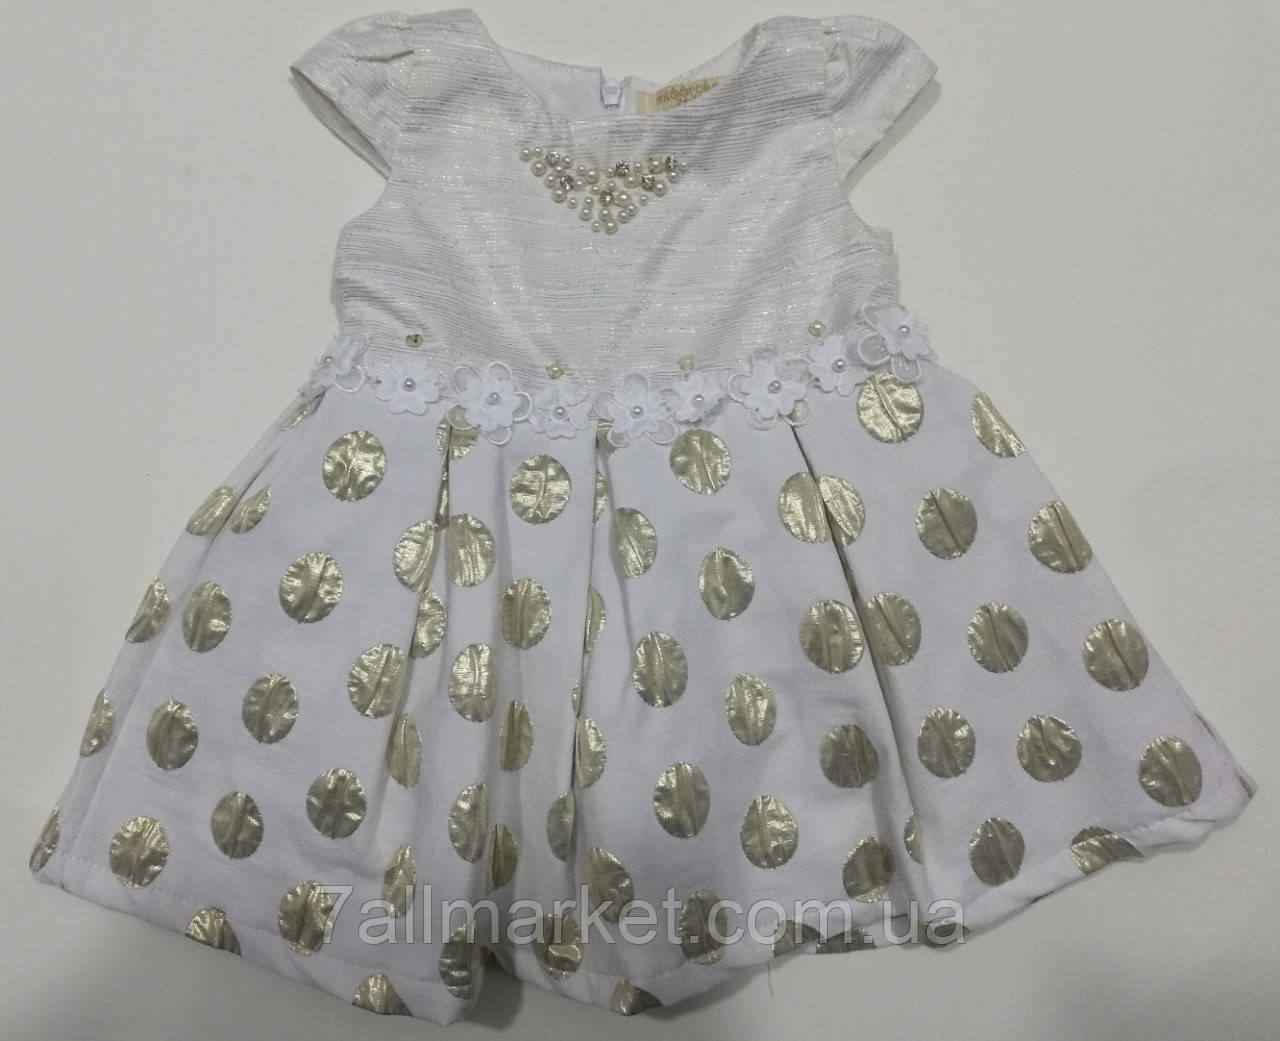 1a90a47c4b8 Платье детское нарядное с люрексом на девочку от 9-24 мес. Серии